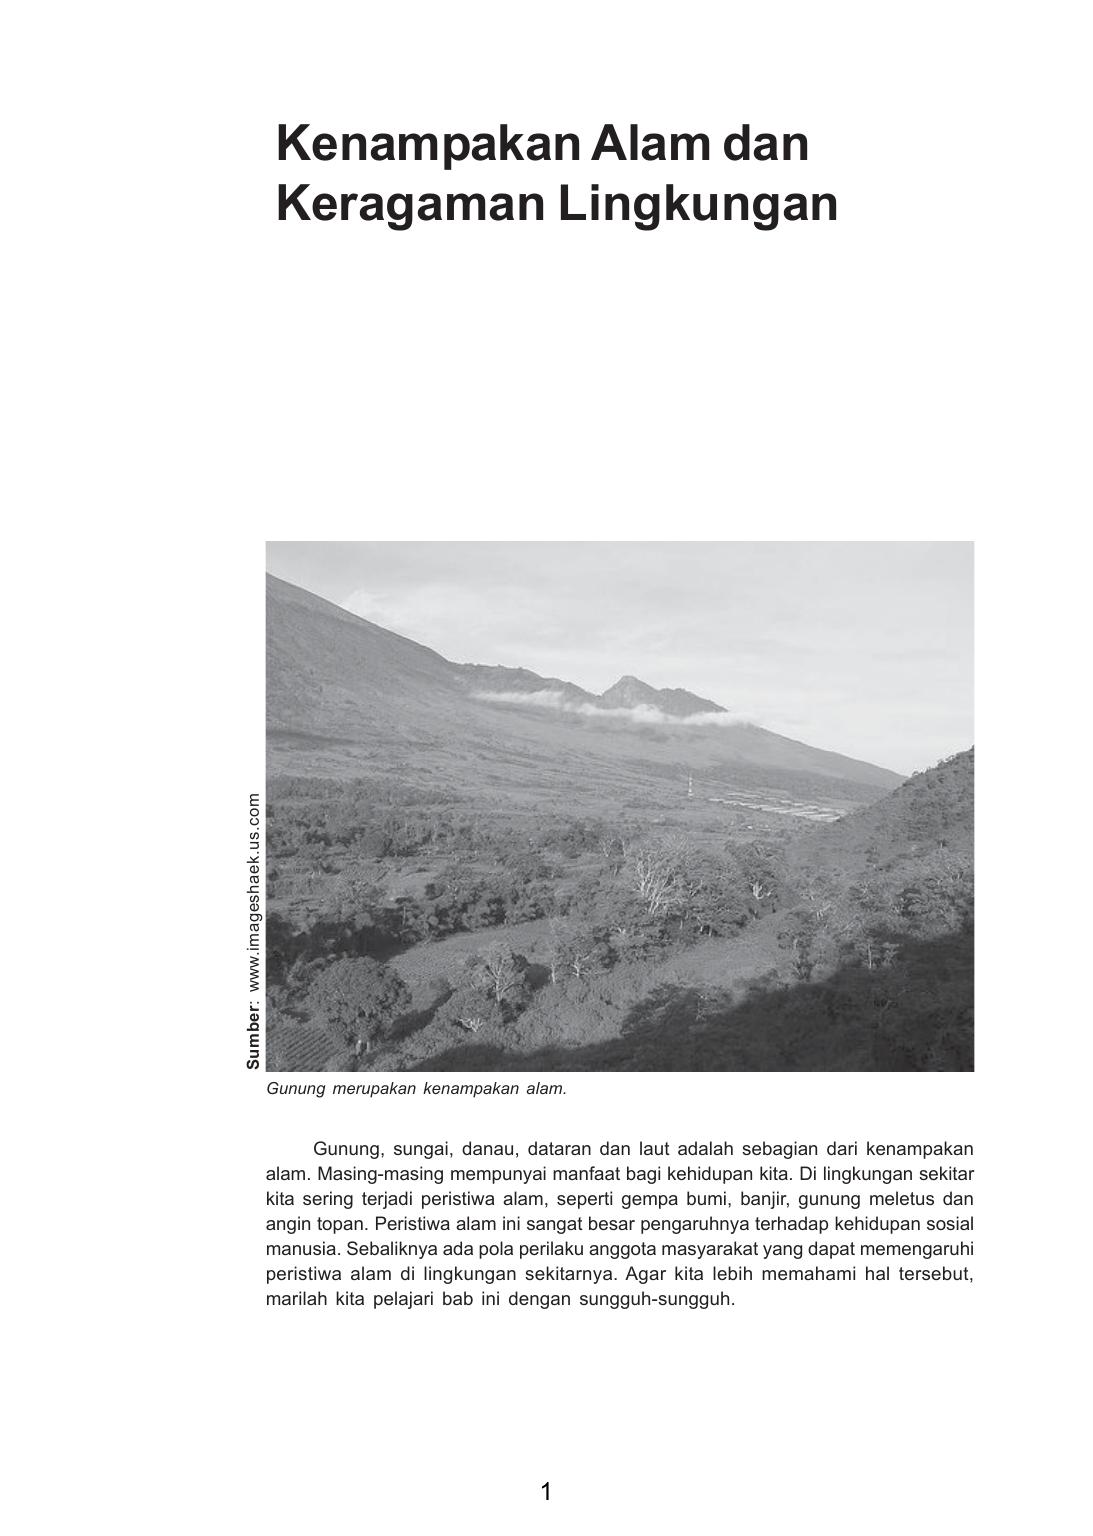 Kenampakan Alam Dan Keragaman Lingkungan